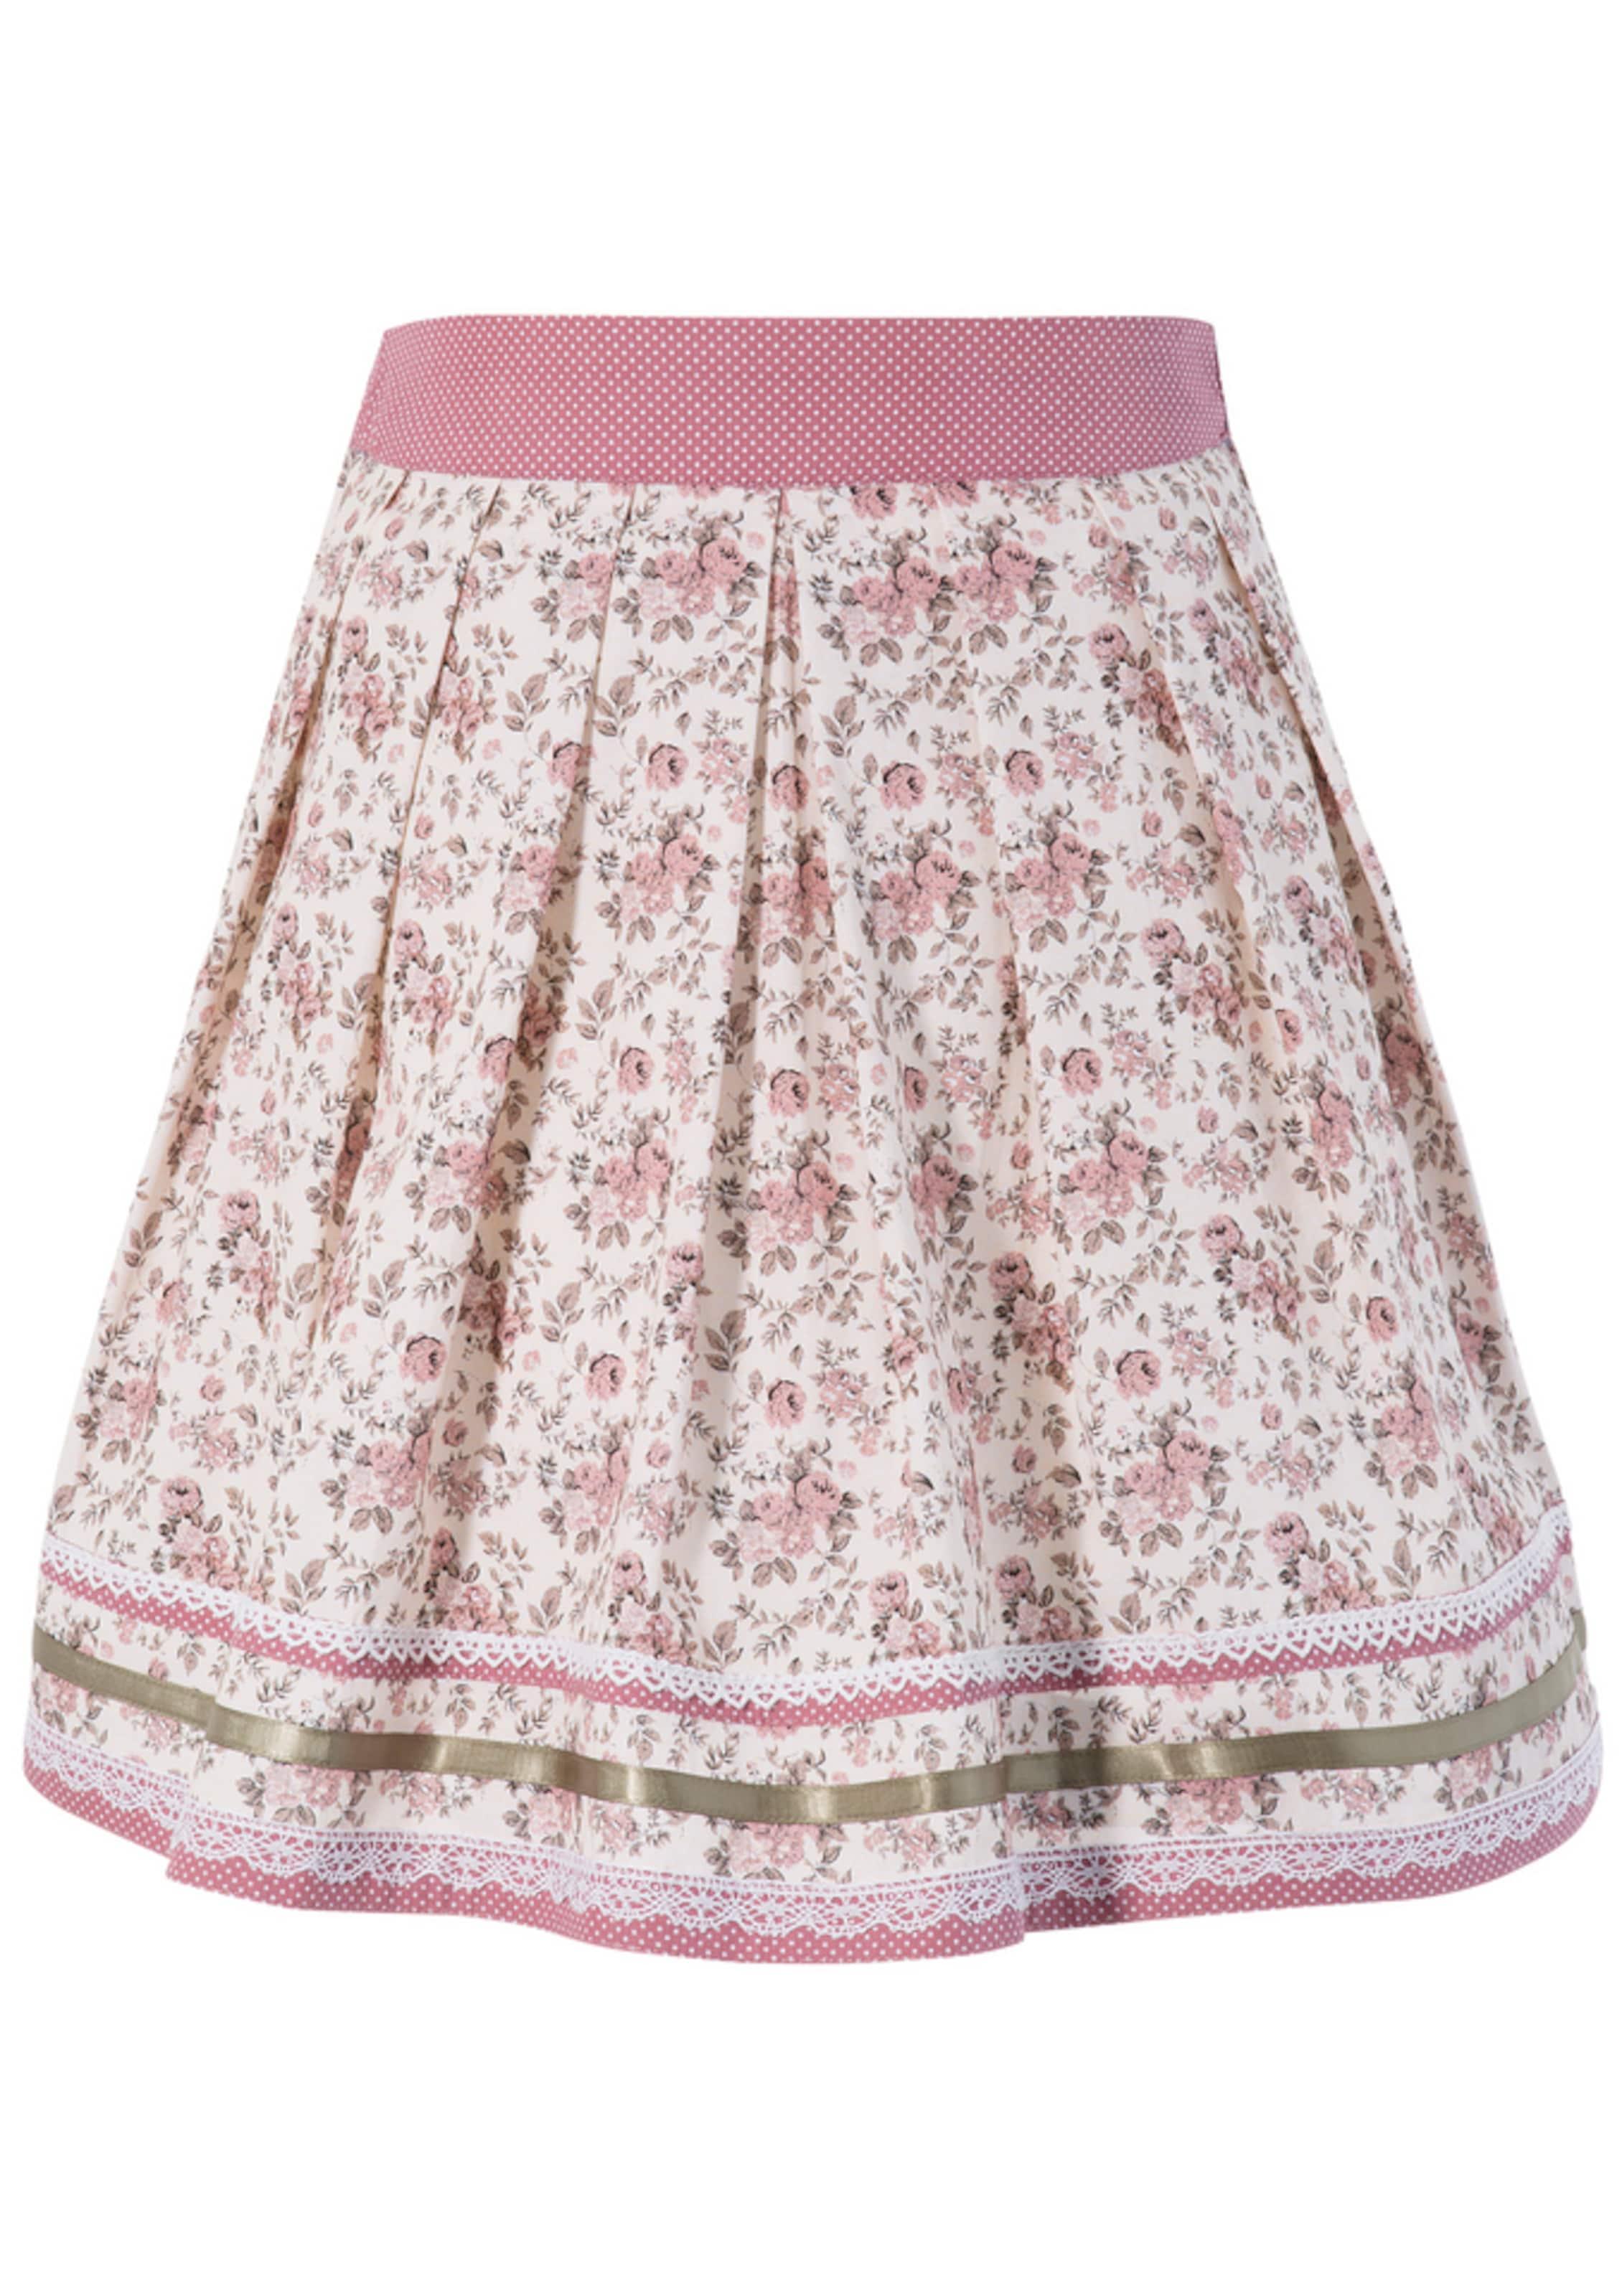 Kinder,  Mädchen,  Kinder MARJO Trachtenrock creme,  beige,  grün,  rosa | 04058057378487